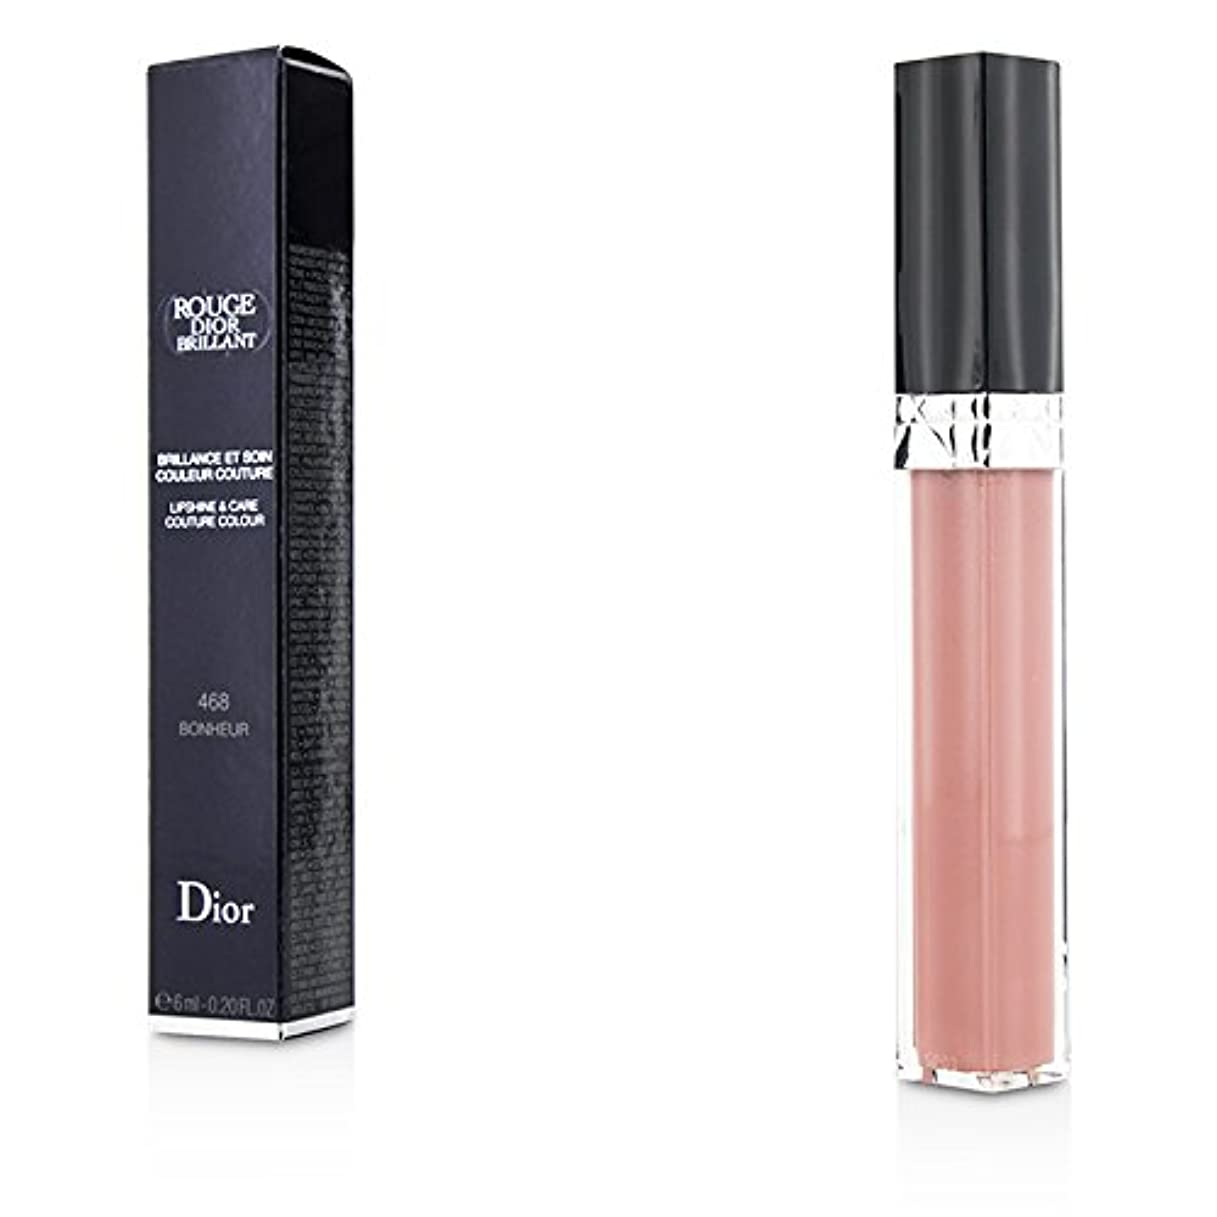 定刻ディレクター酔っ払いクリスチャンディオール Rouge Dior Brillant Lipgloss - # 468 Bonheur 6ml/0.2oz並行輸入品